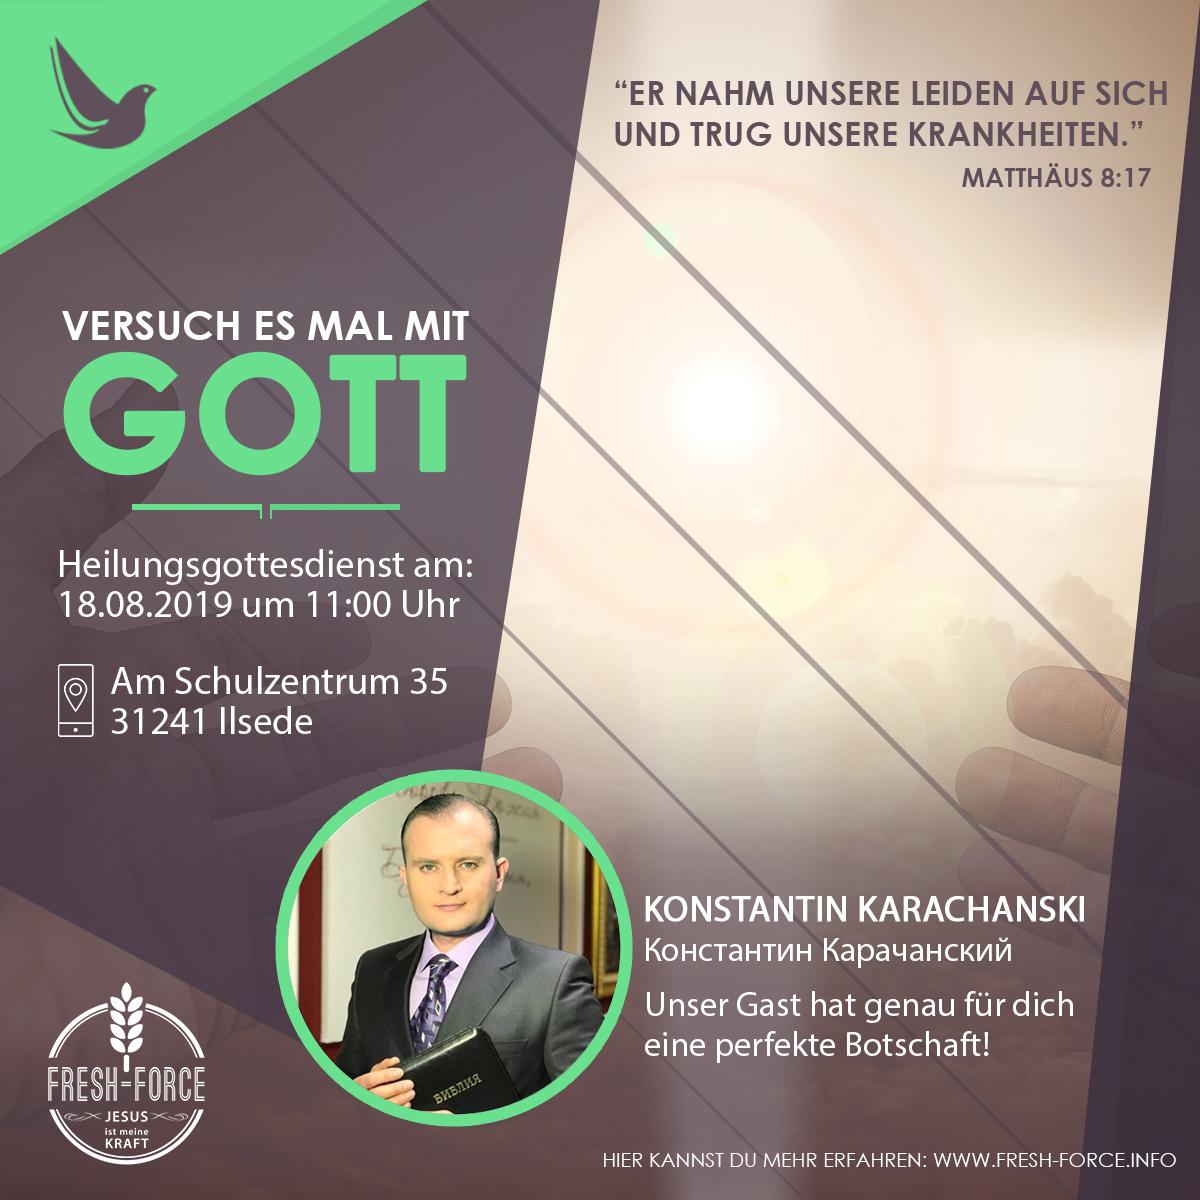 Heilungsgottesdienst am 18.08.2019